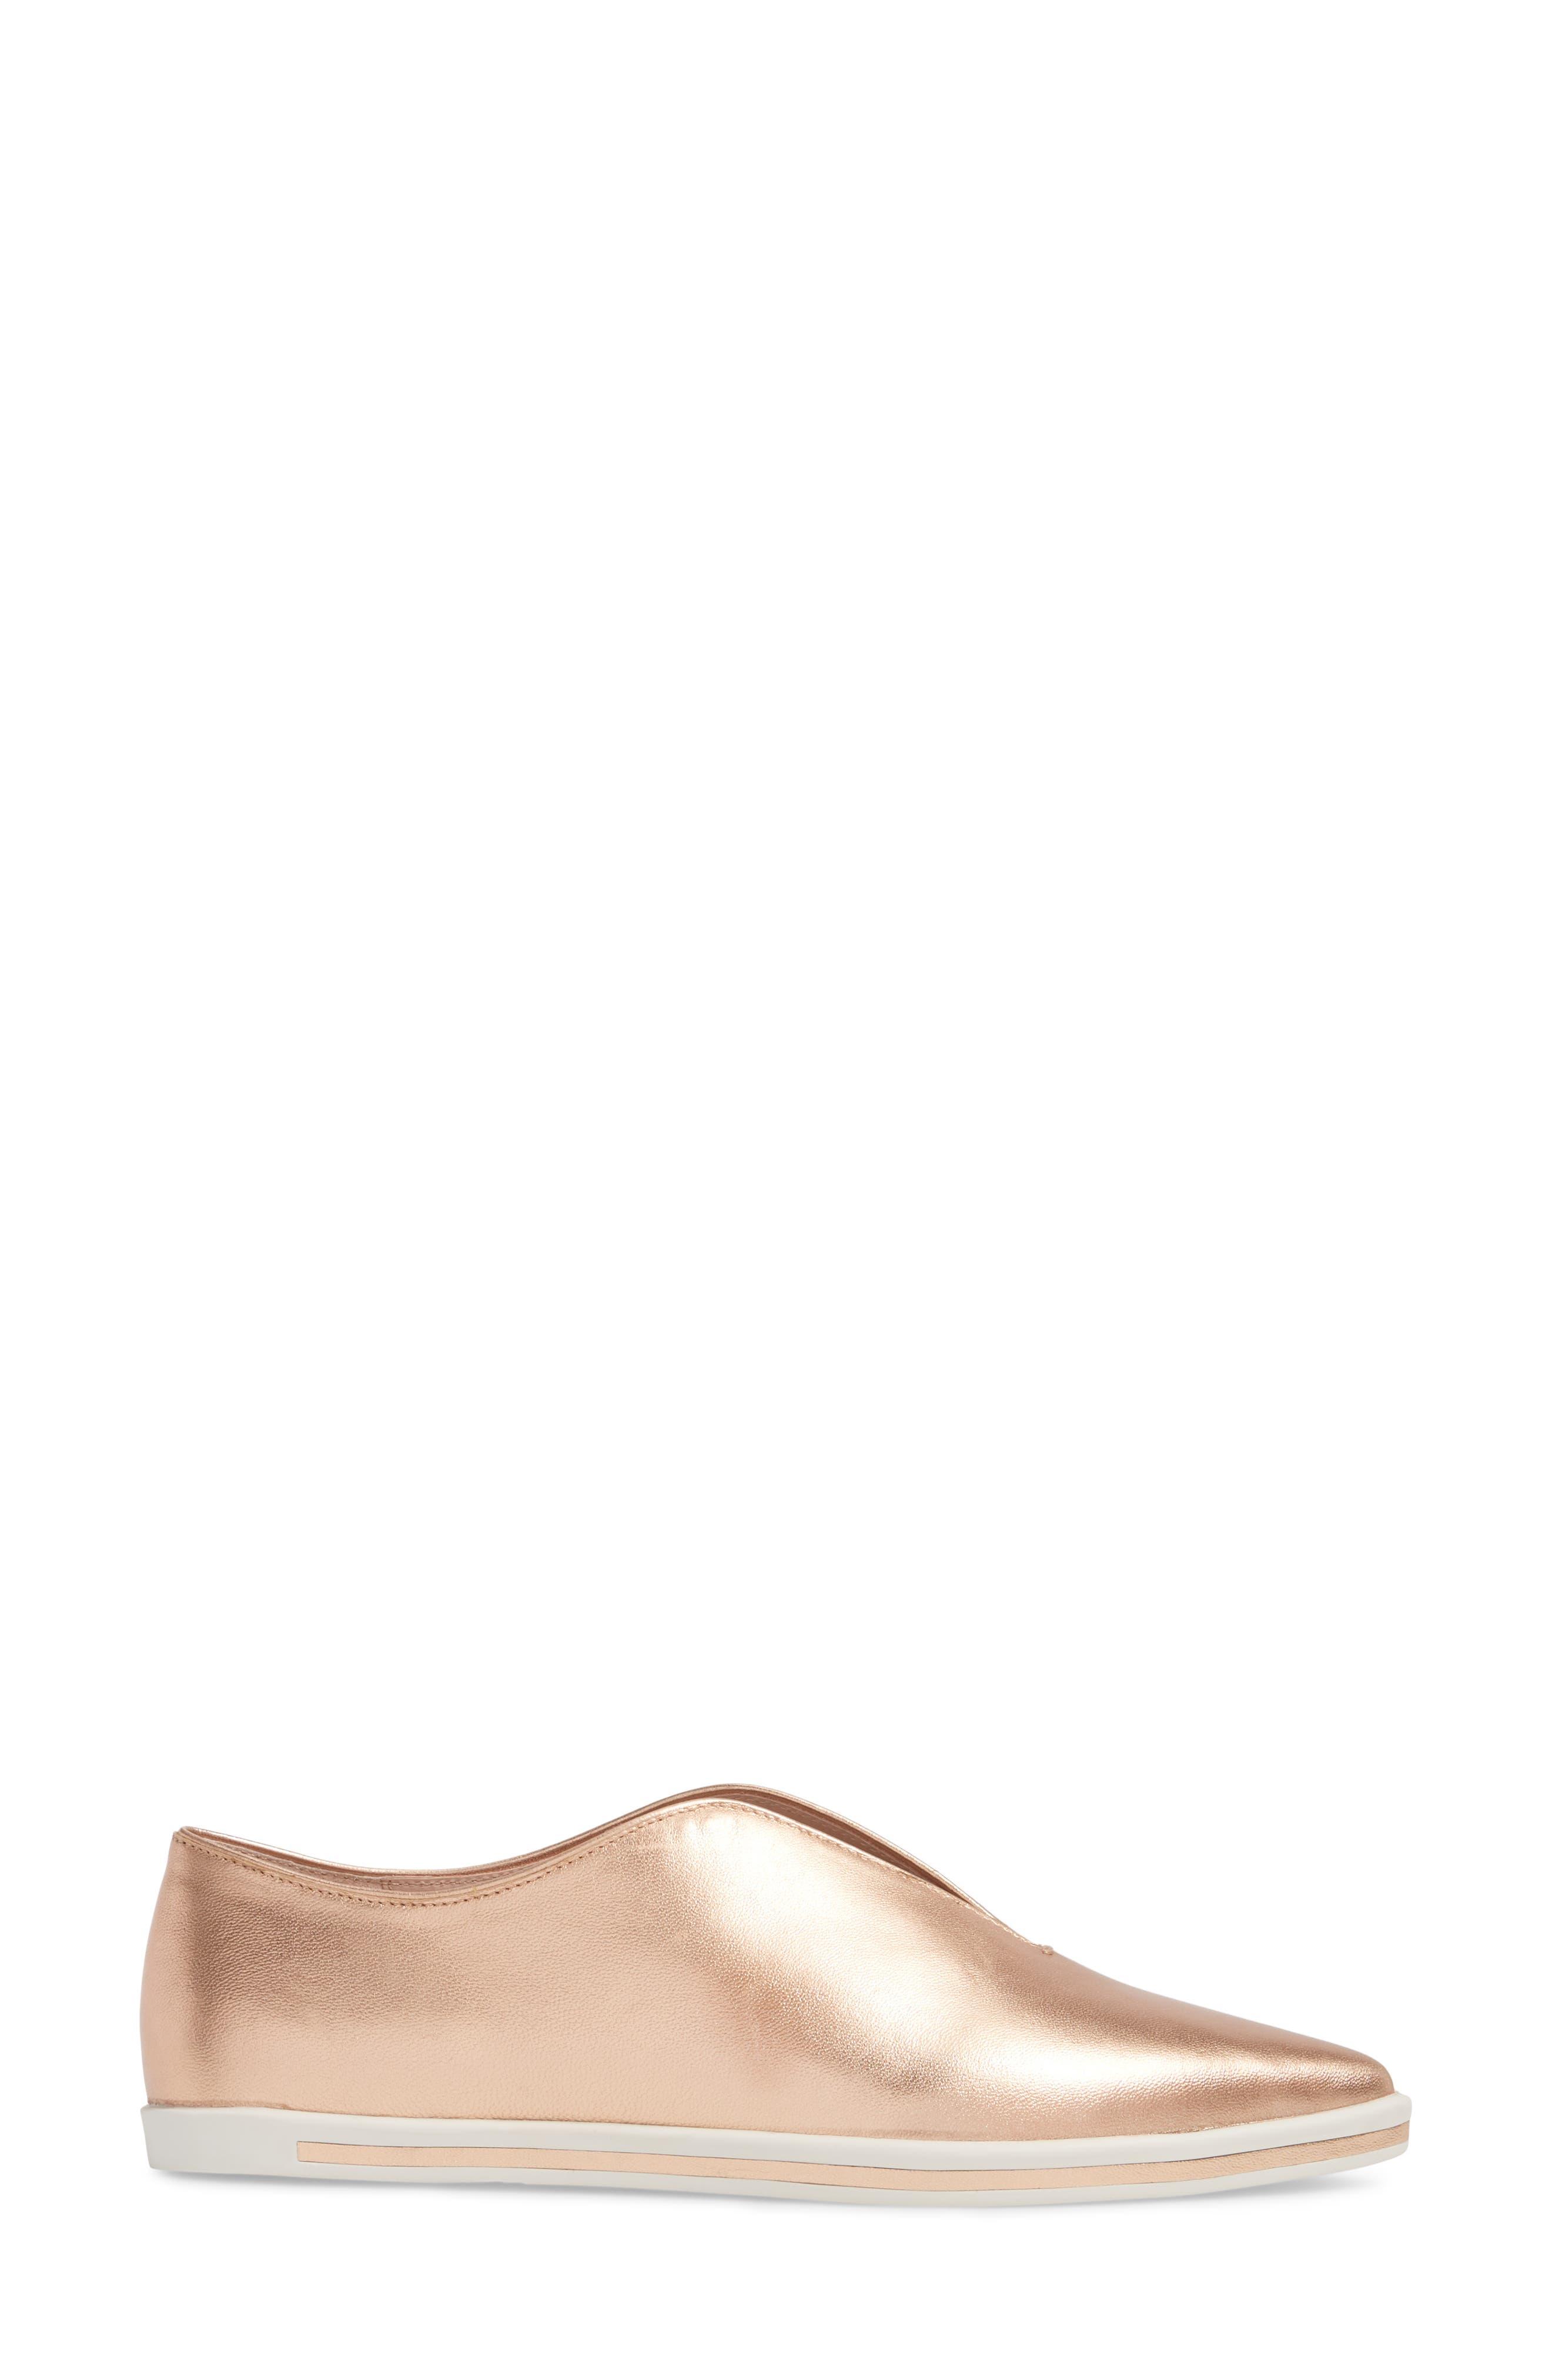 Tisha Slip-On Sneaker,                             Alternate thumbnail 3, color,                             Rose Gold Leather